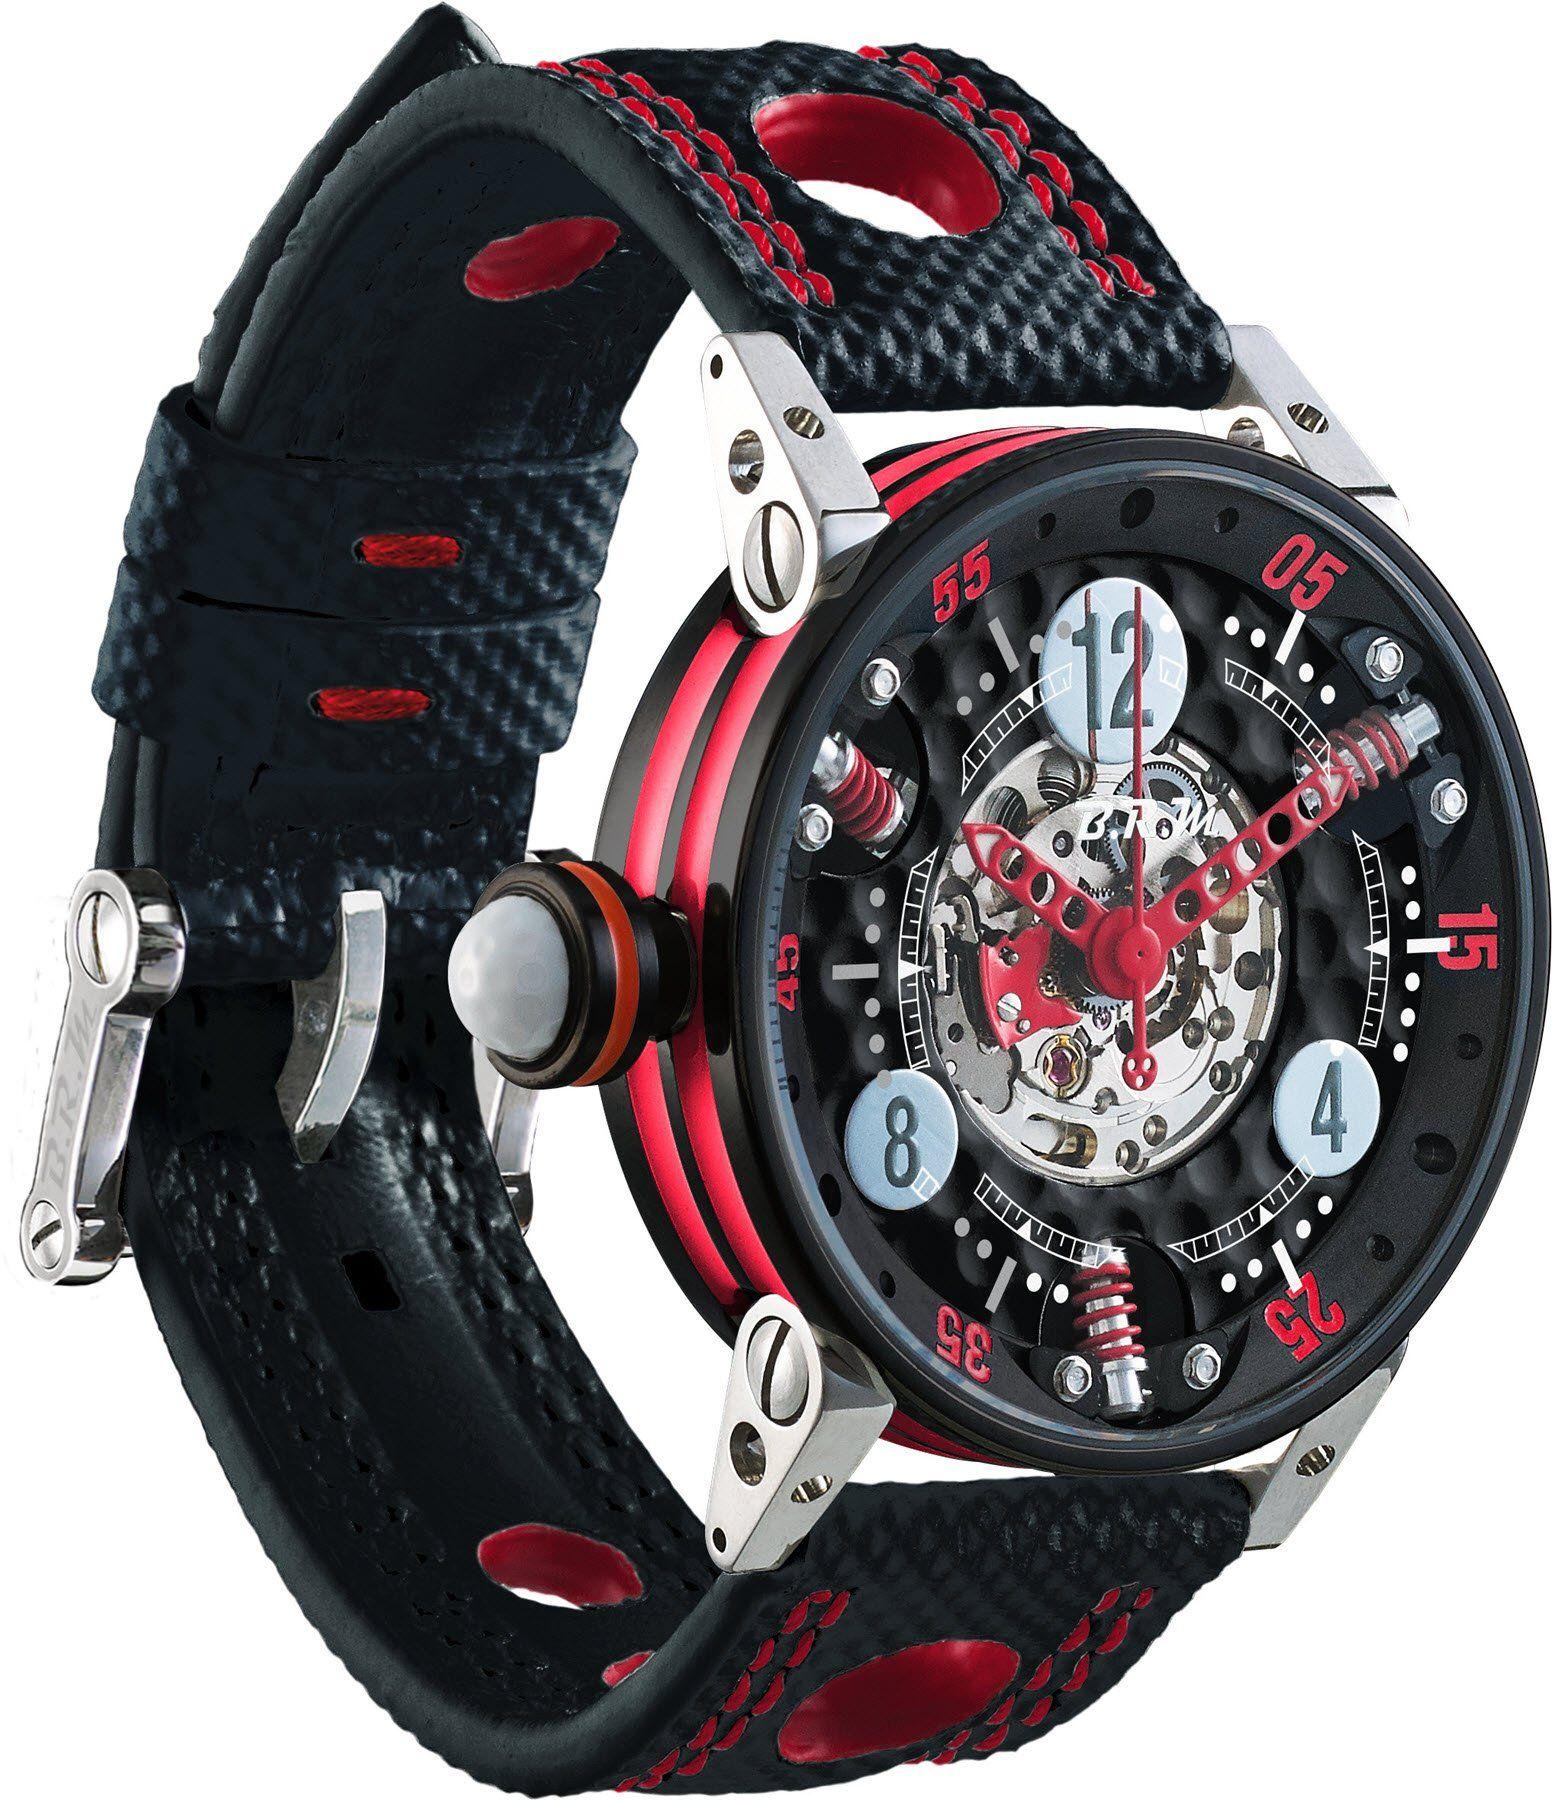 Brm watch golf master ladies red hands stylish watches